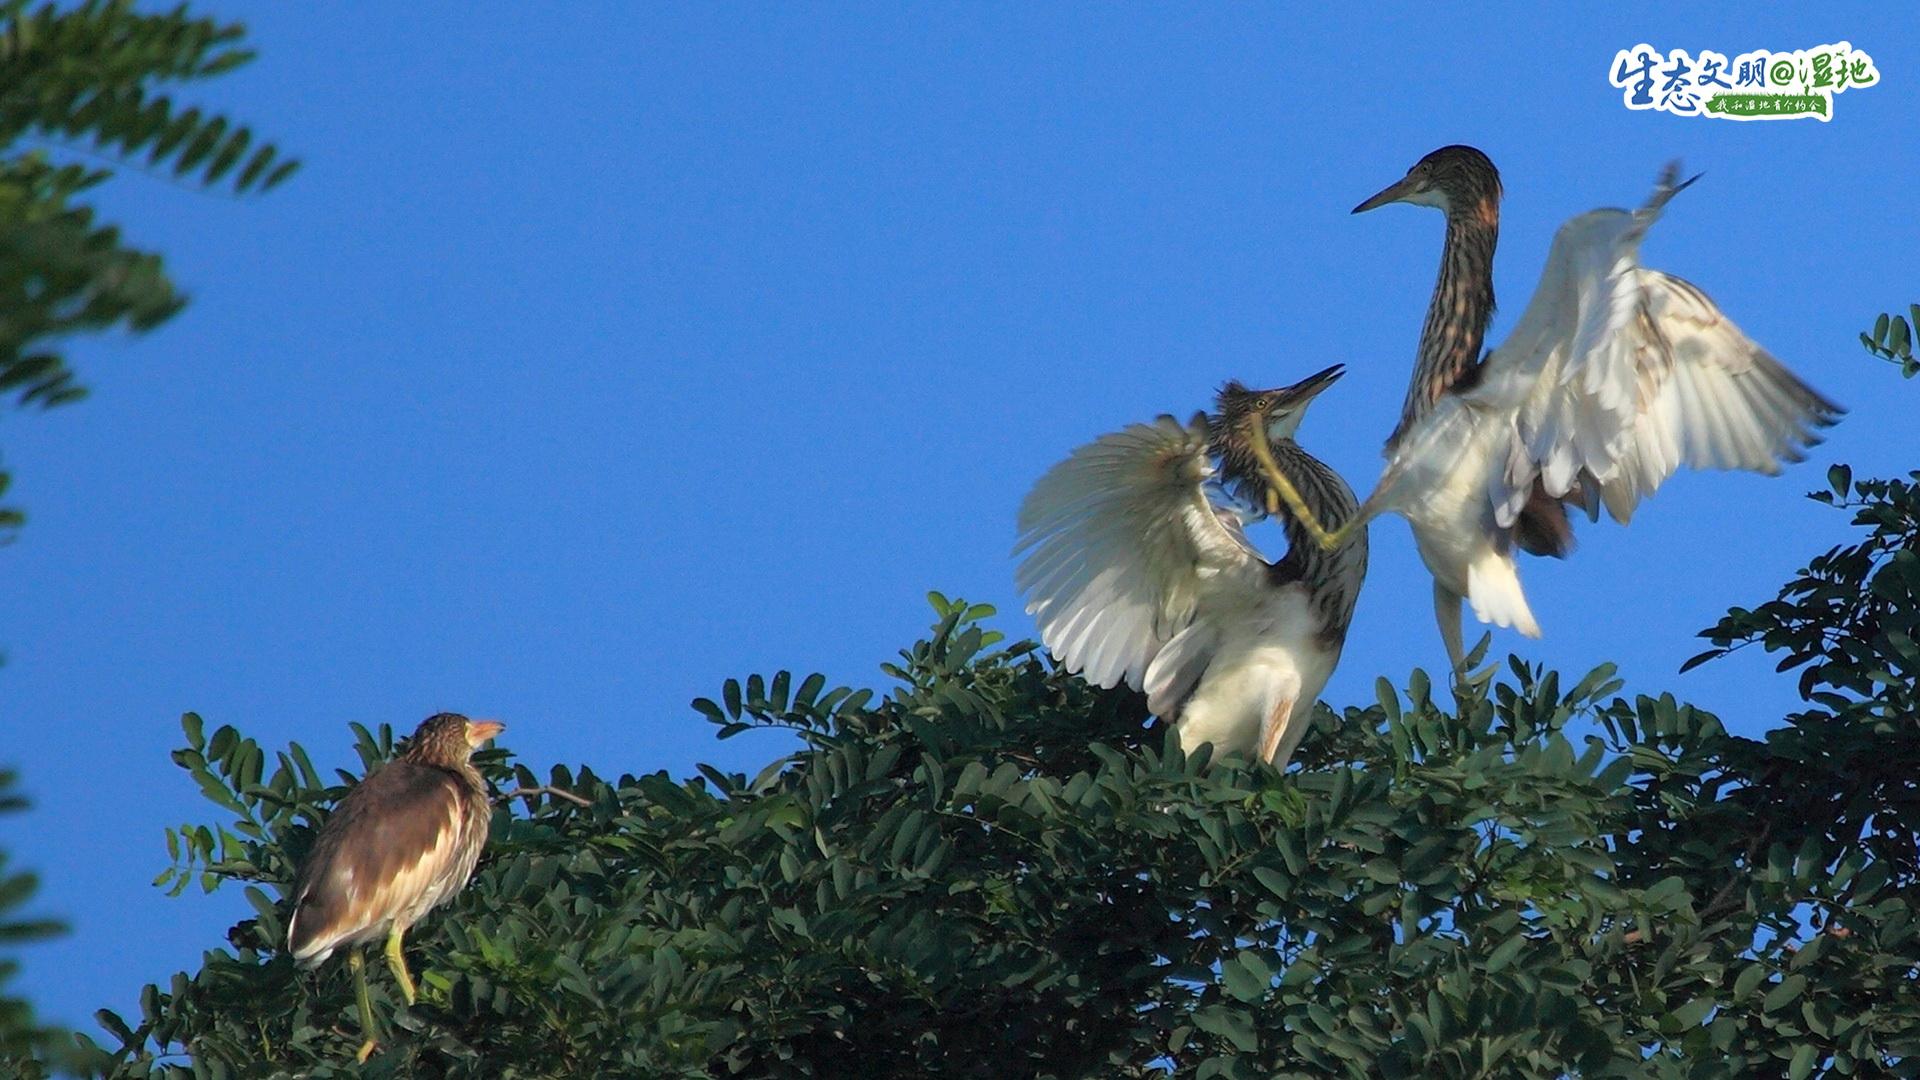 2017年8月9日,天津研究制定了《天津市湿地自然保护区规划》《七里海湿地生态保护修复规划》《天津市北大港湿地自然保护区总体规划》《天津市团泊鸟类自然保护区规划》和《天津市大黄堡湿地自然保护区规划》。这,既是人类留给子孙后代的生态财富,也是给候鸟留下的自然空间。<br/>